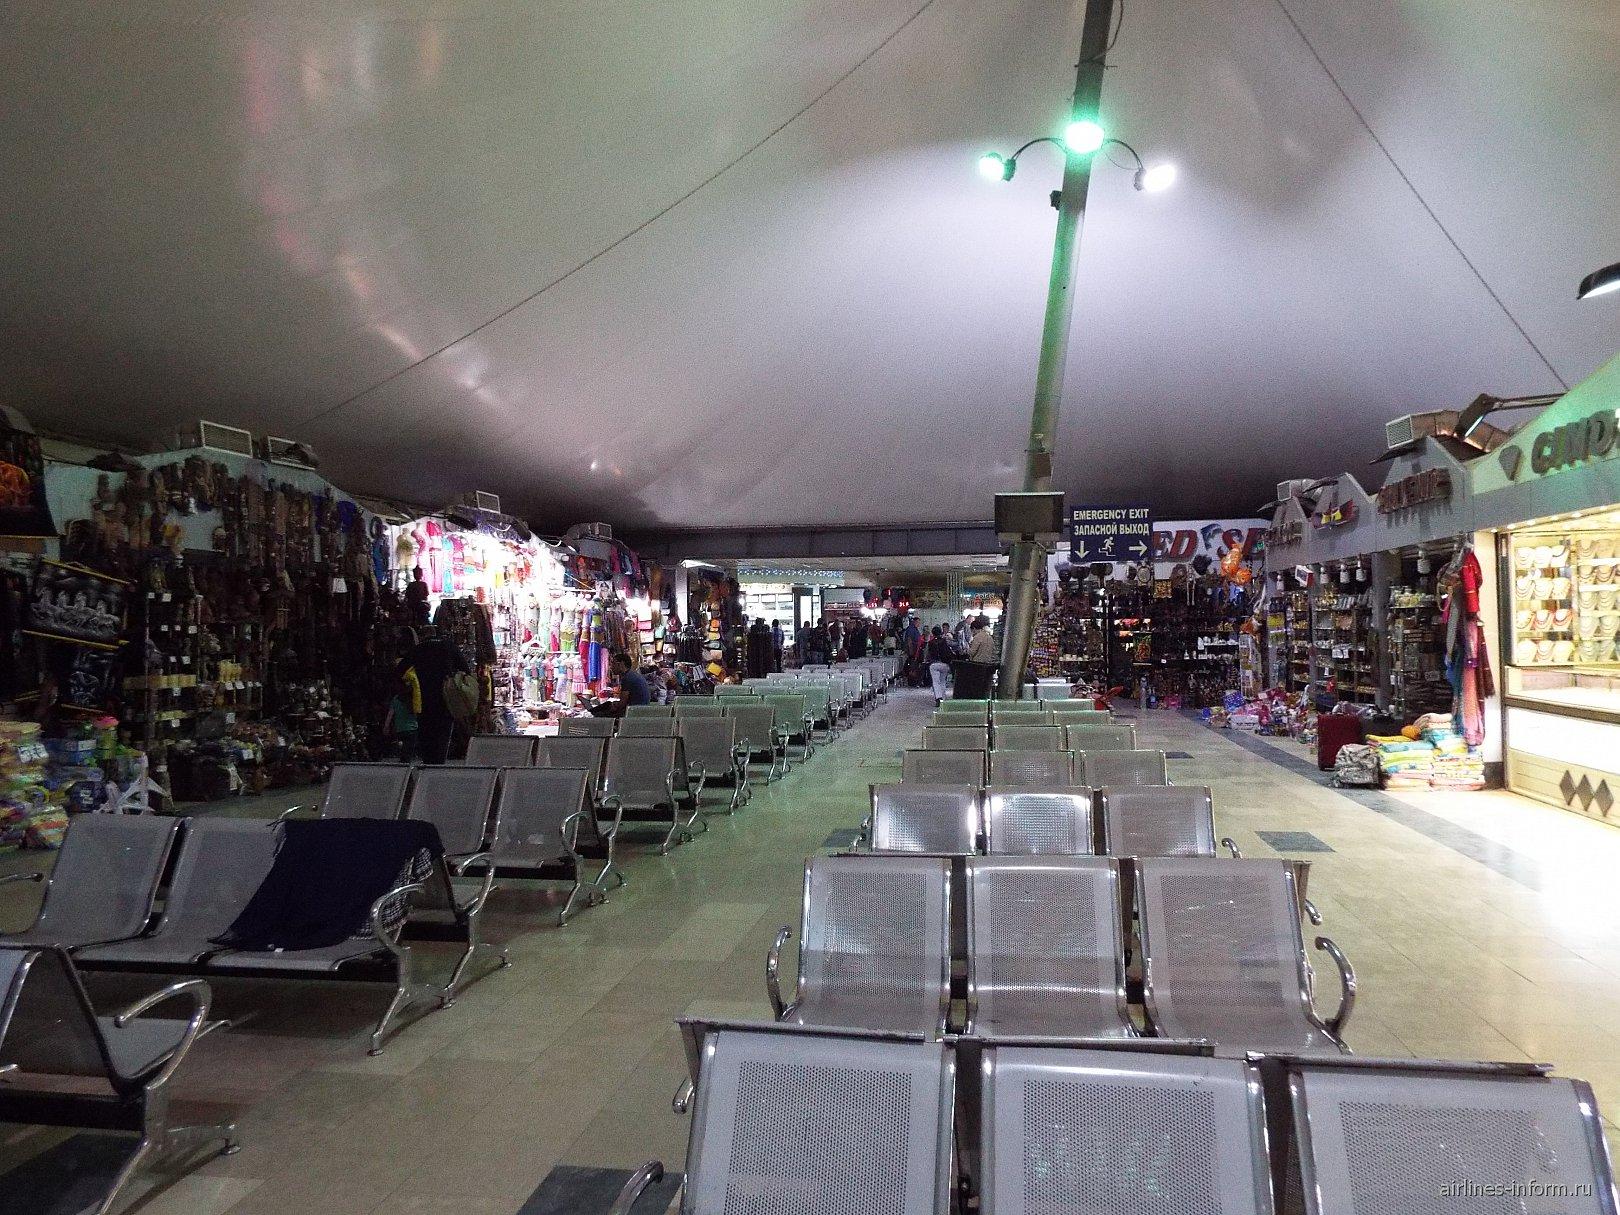 Торговые ларьки в аэровокзале аэропорта Хургада